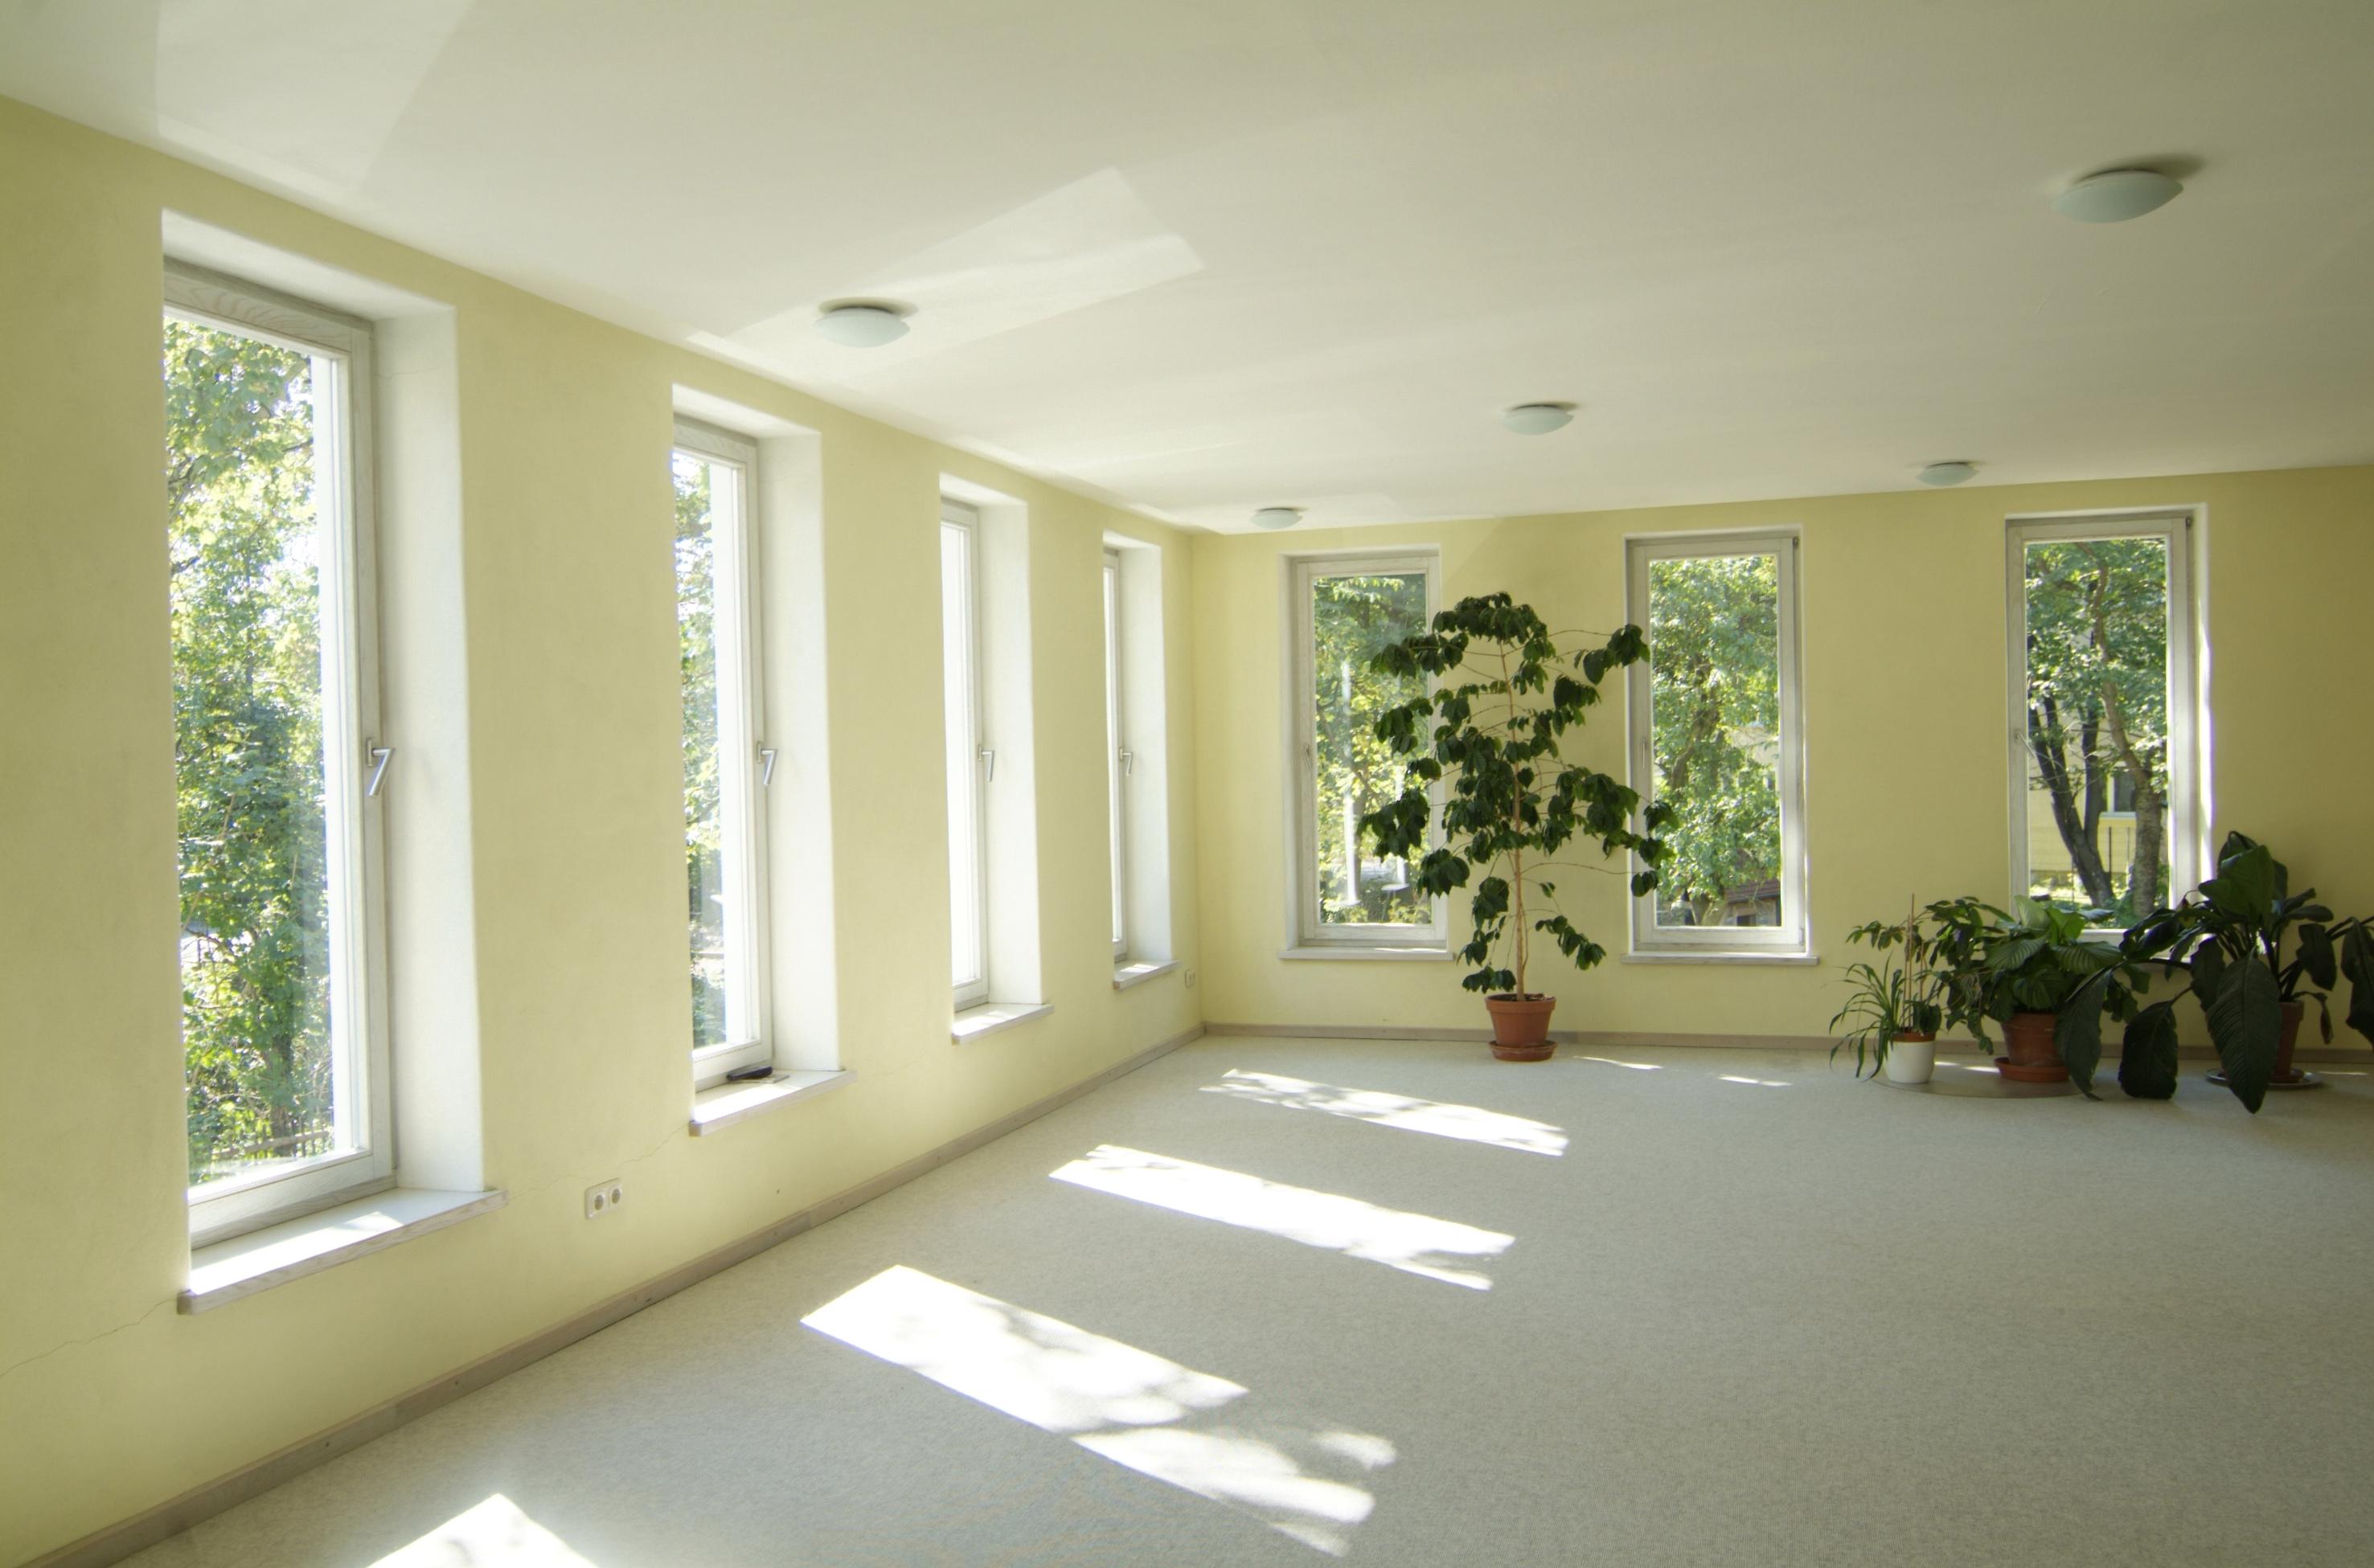 Seminarraum 2; Obergeschoss, Detailaufnahme